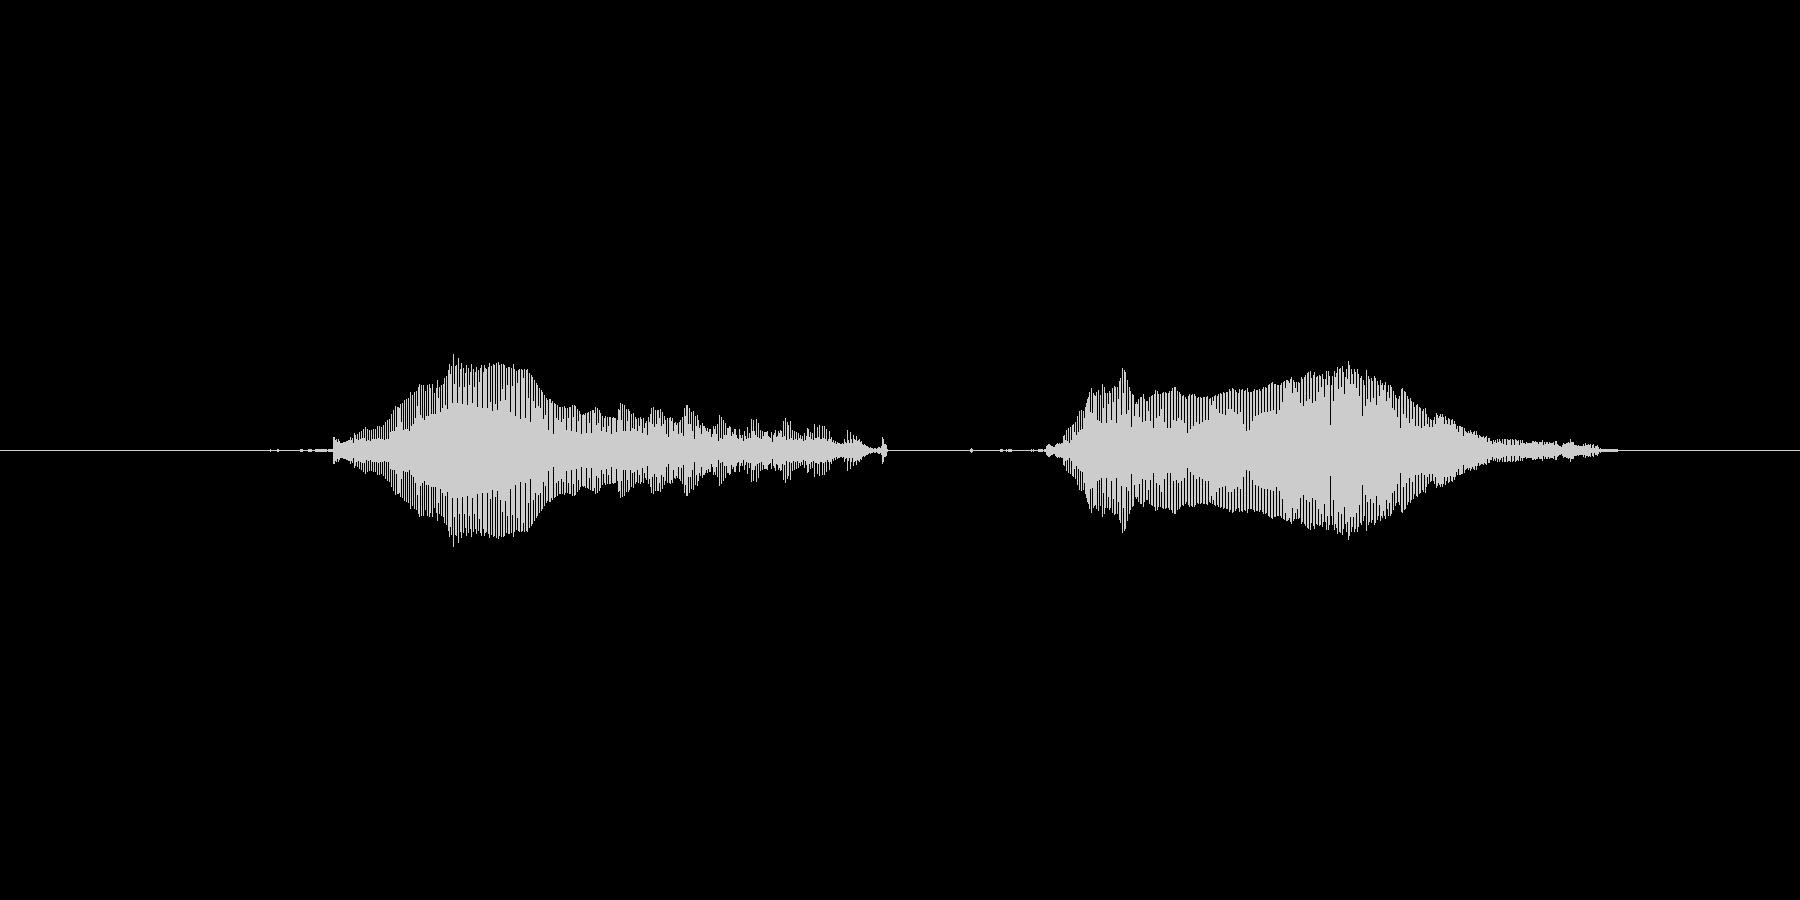 猫のミャーウミャーーウ(甘えた声)の未再生の波形